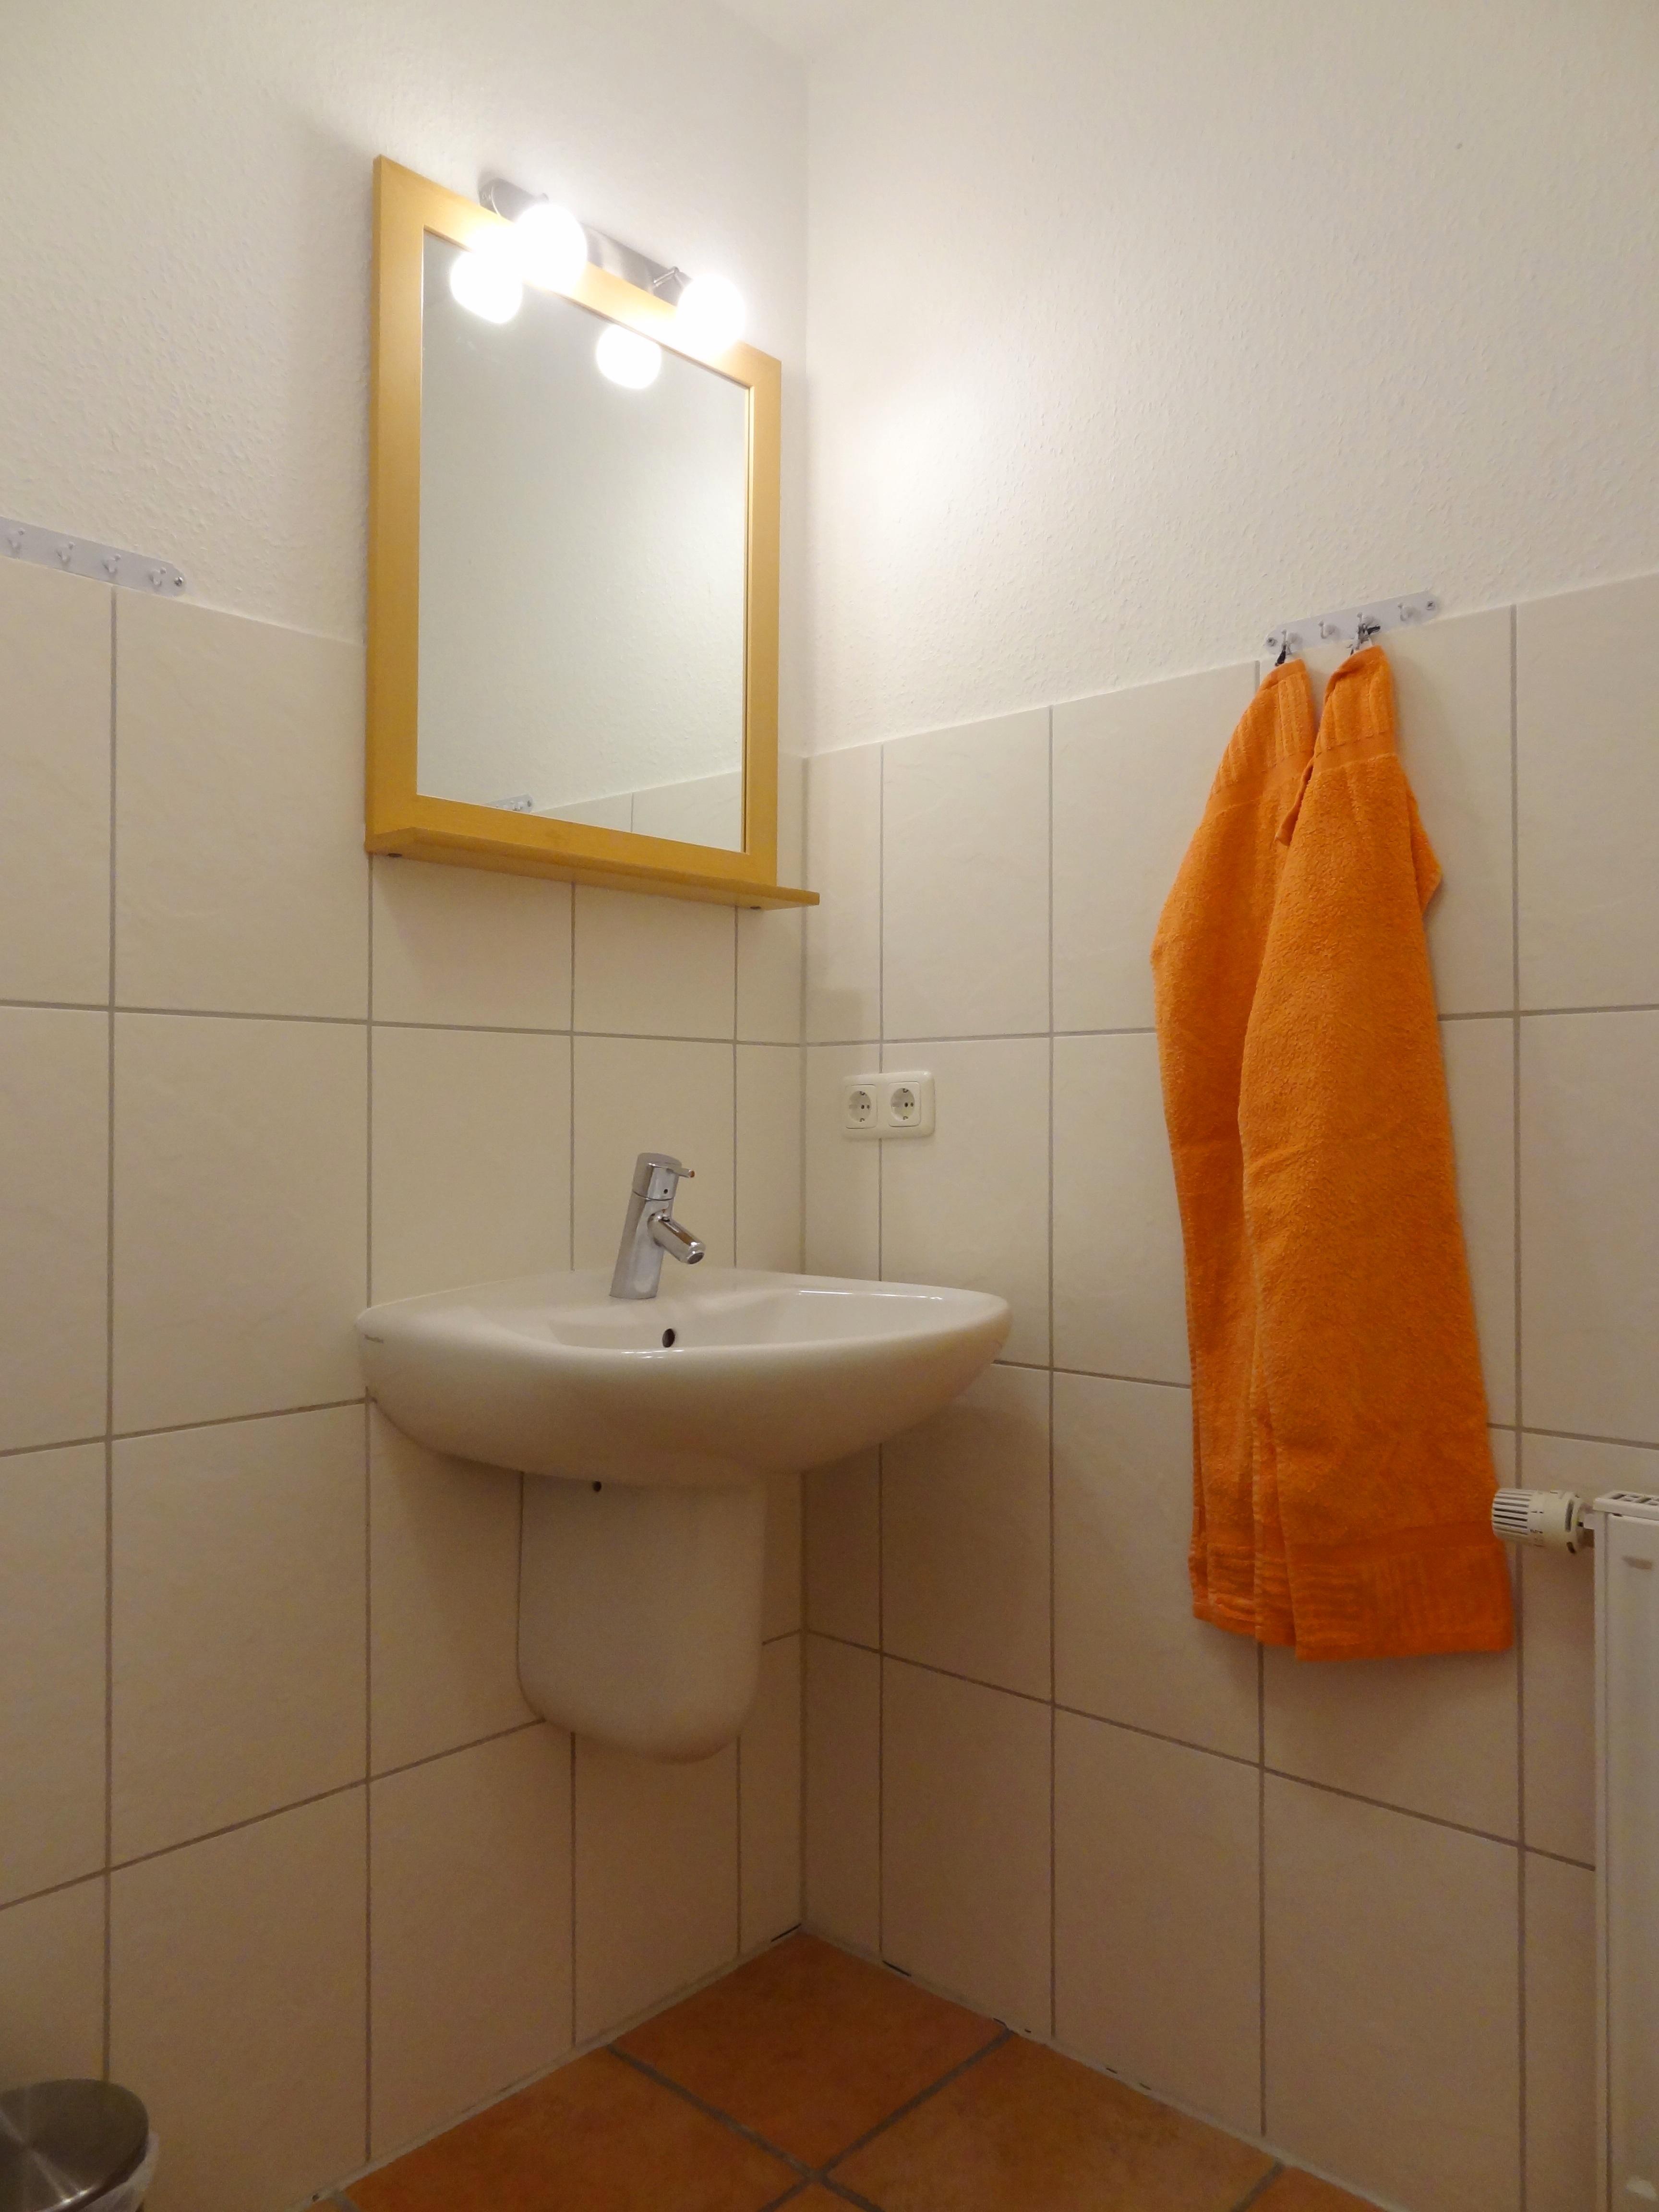 Badezimmer mit Spiegel der Ferienwohnung Hagen von Ferienwohnungen Hass auf Fehmarn